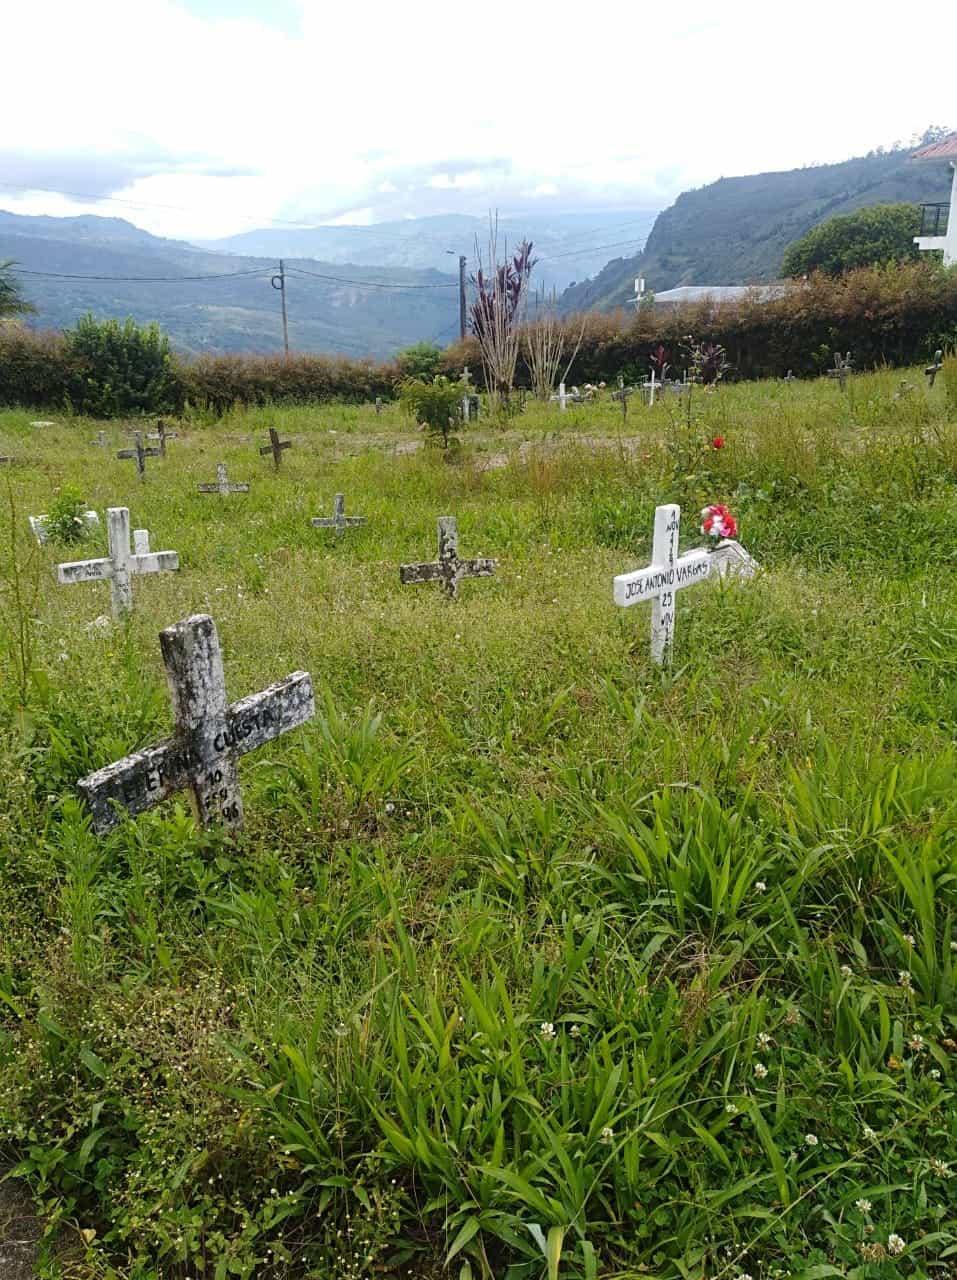 Los mismos familiares han visitado el cementerio, pero aún no están seguros en dónde les pudieron haber sepultado a su hermana.